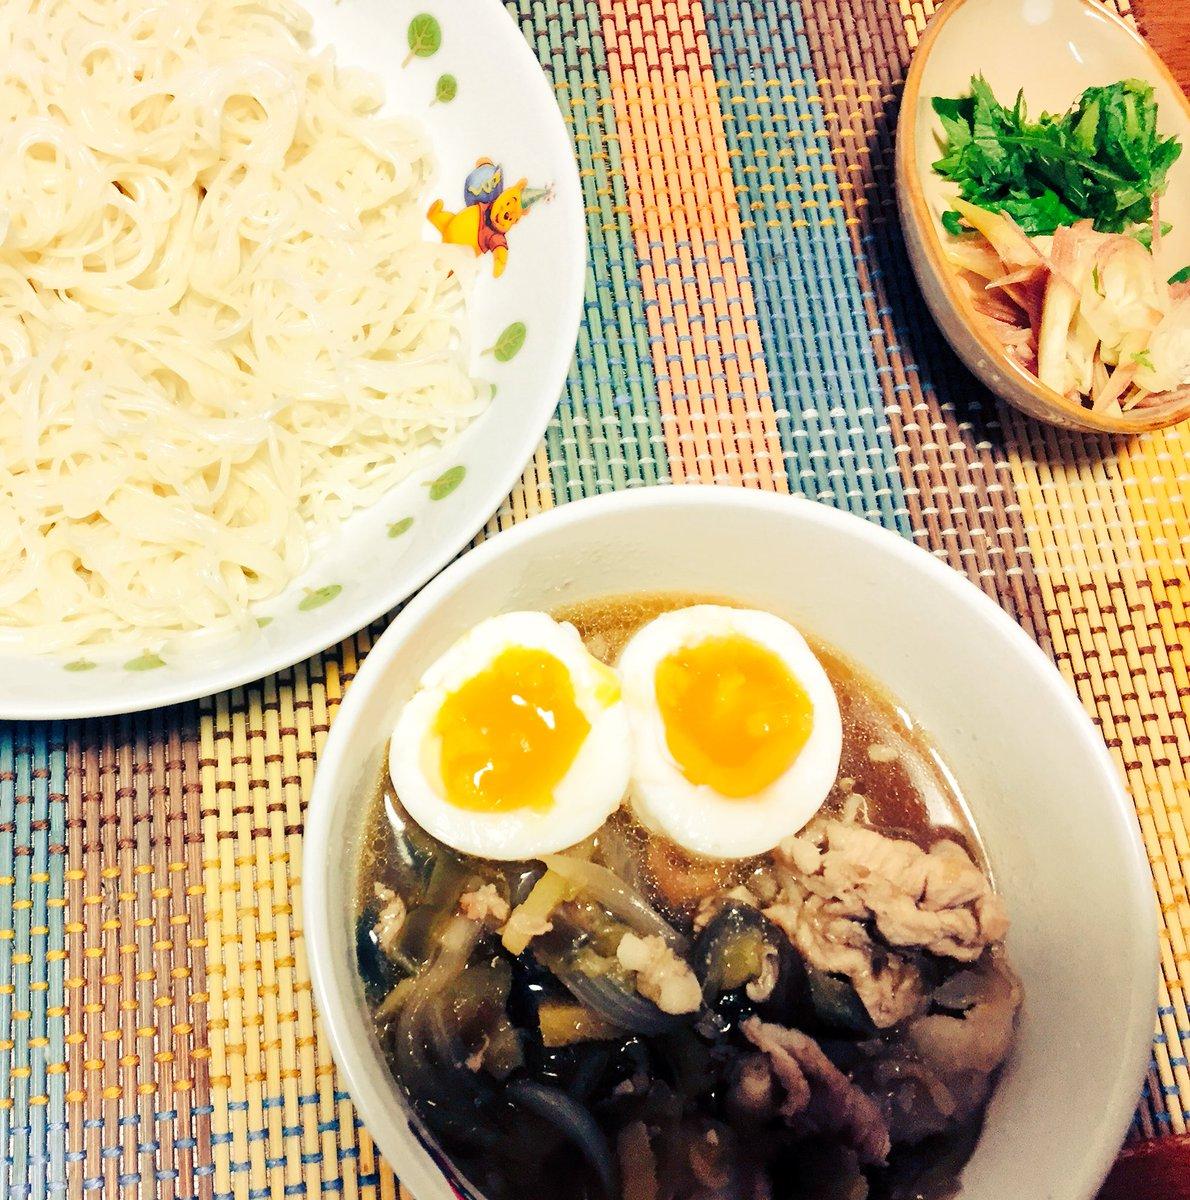 今日の夜はマンガ飯。3月のライオンでおねいちゃんが作ったナスと豚肉のつけ汁のそうめんのやーつ。生姜が効いてうまかったー♪